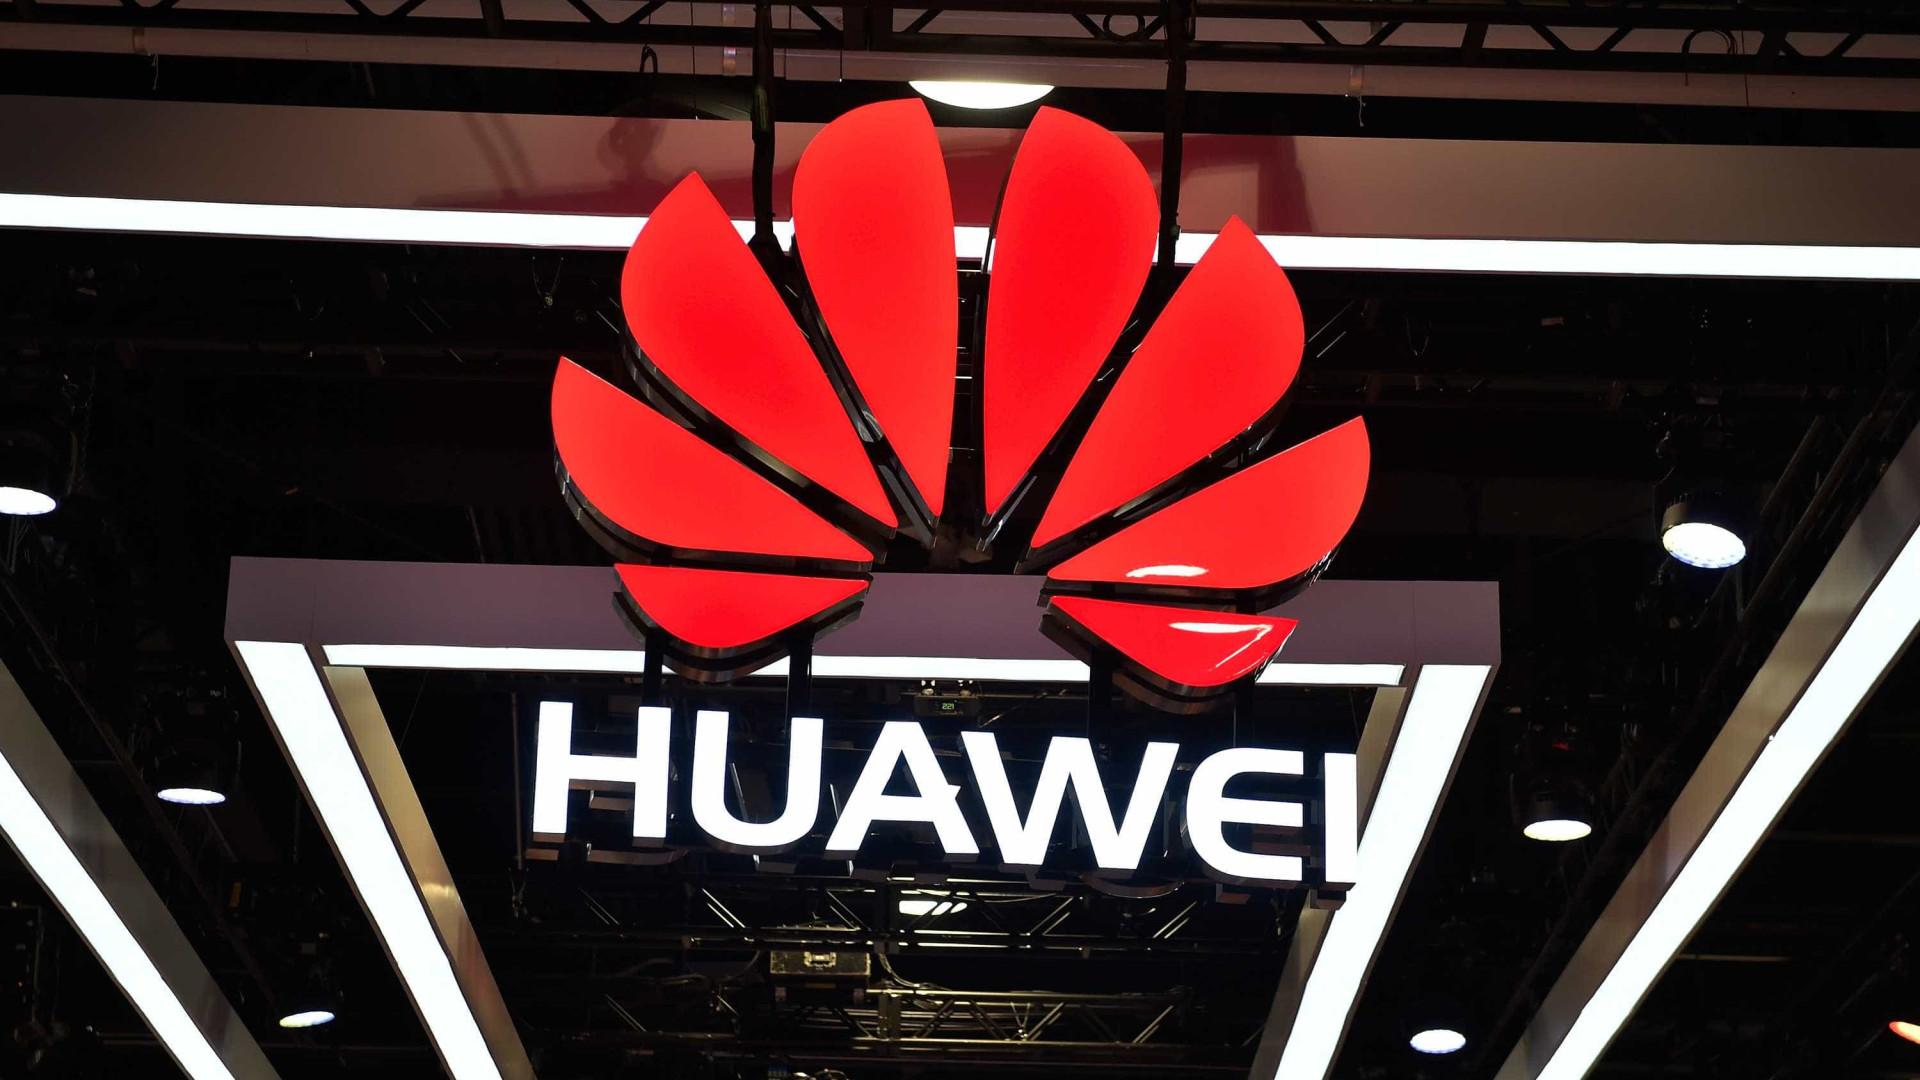 Huawei quer recompensar colaboradores que ajudaram contra sanções